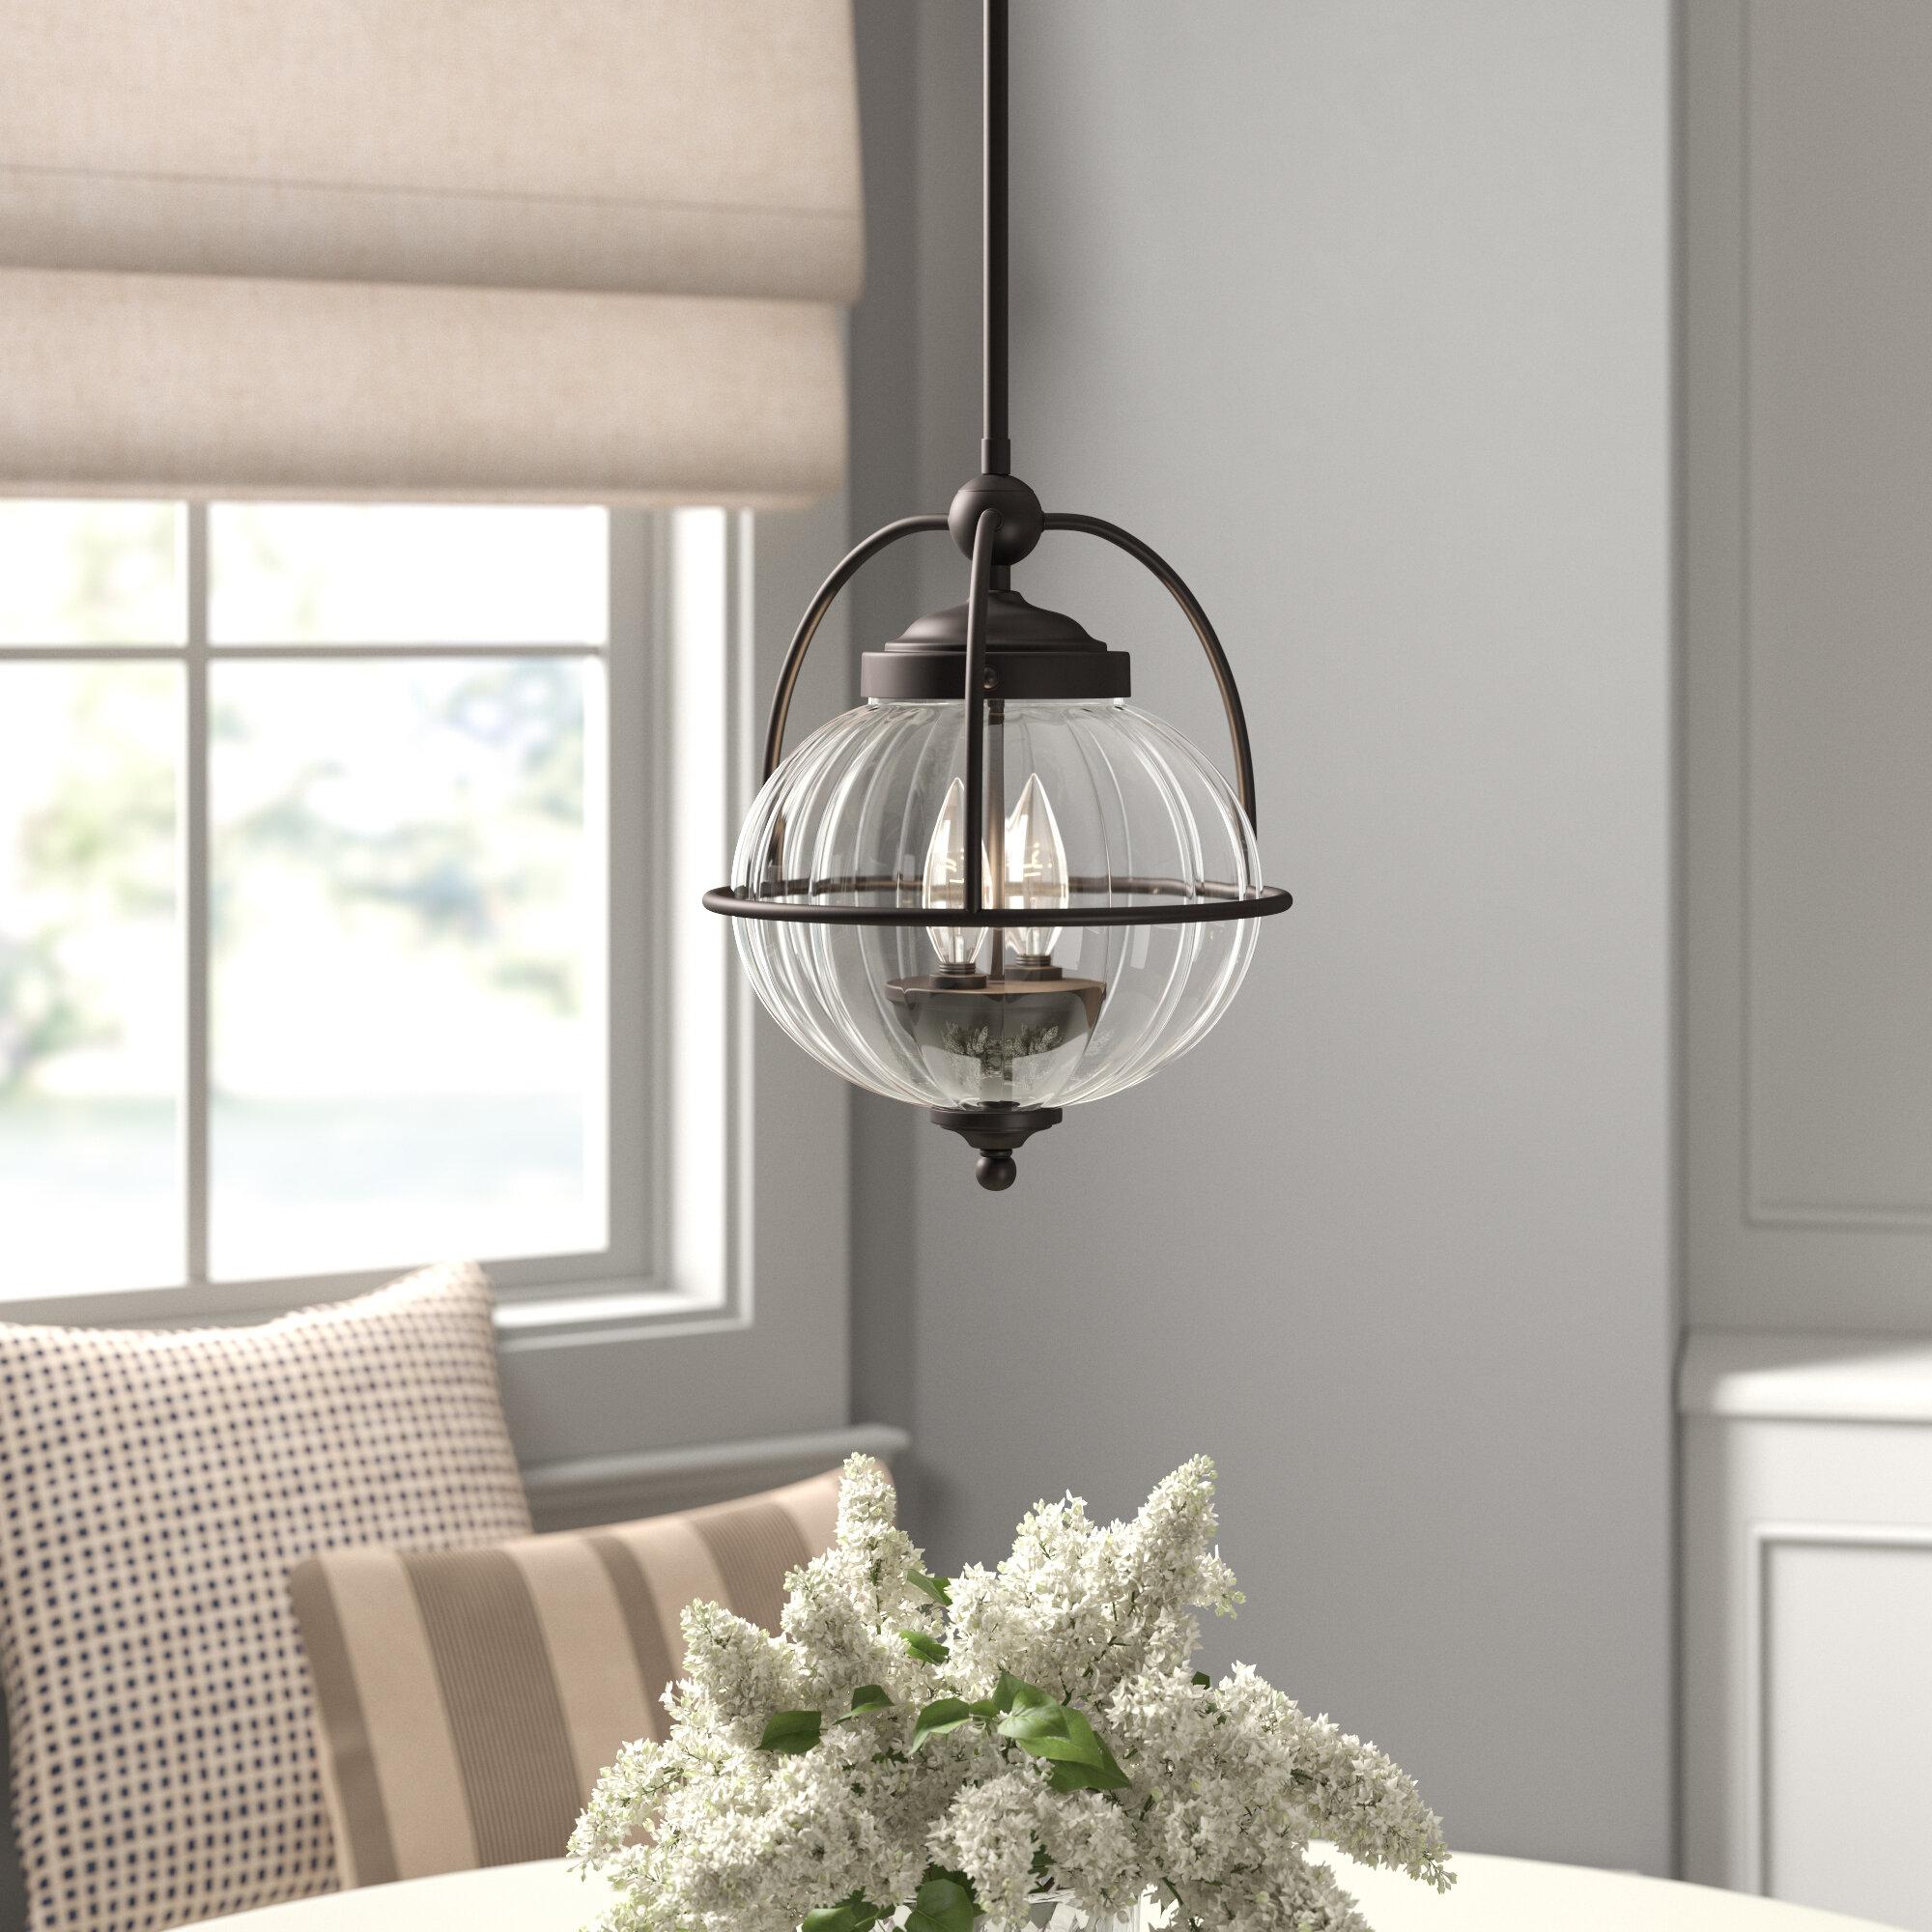 2 Light Single Globe Pendant Intended For Vernice 3 Light Cluster Bell Pendants (Photo 25 of 30)